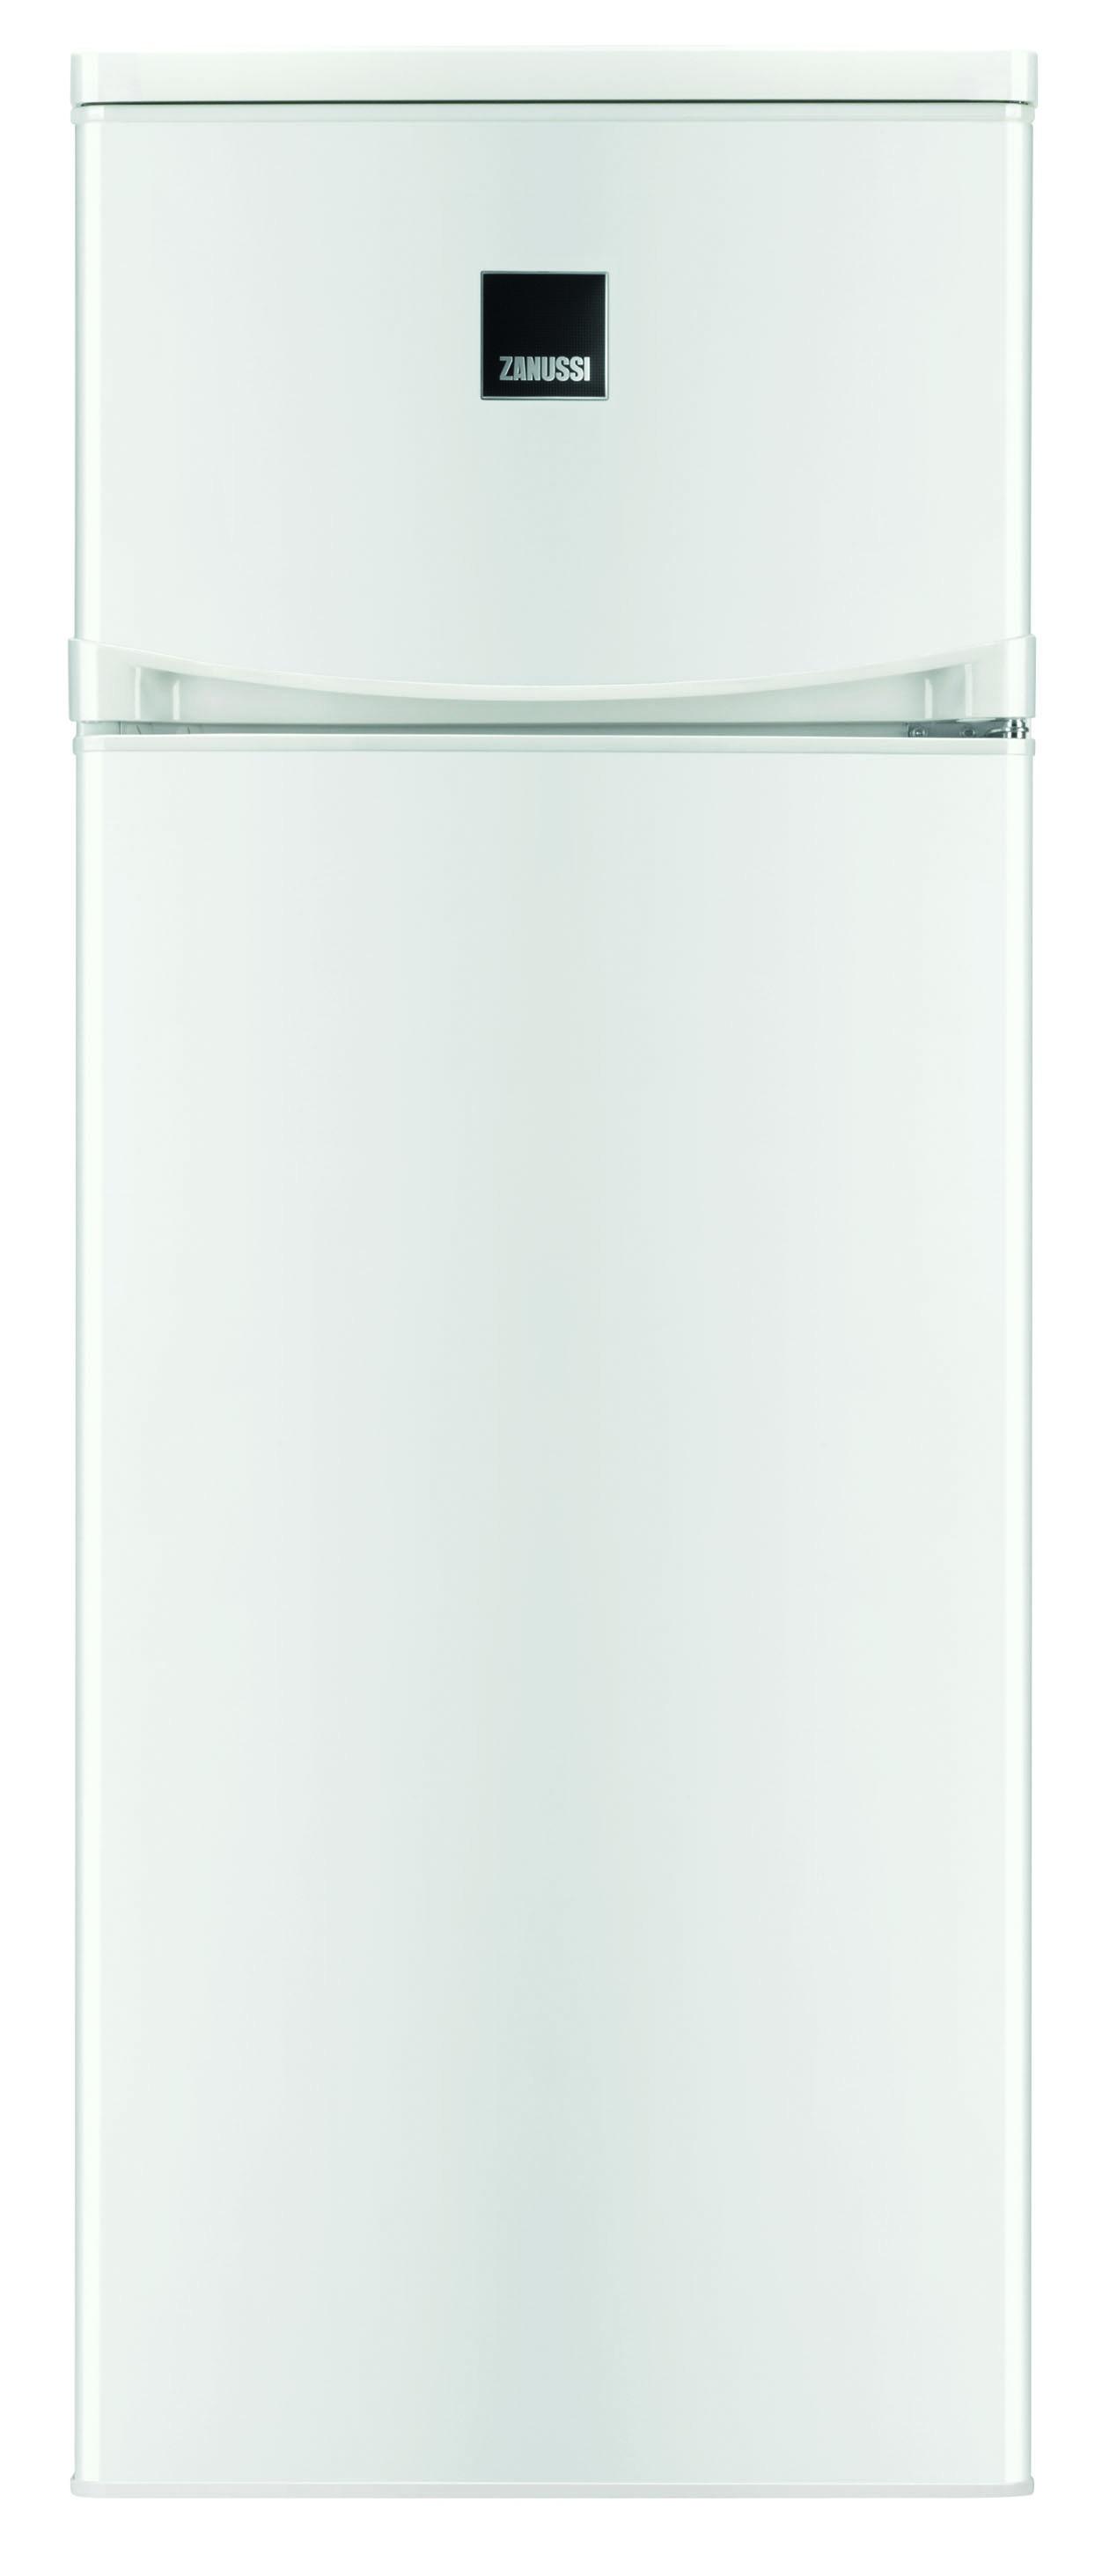 Zanussi koelkast met vriesvak ZRT23100WA